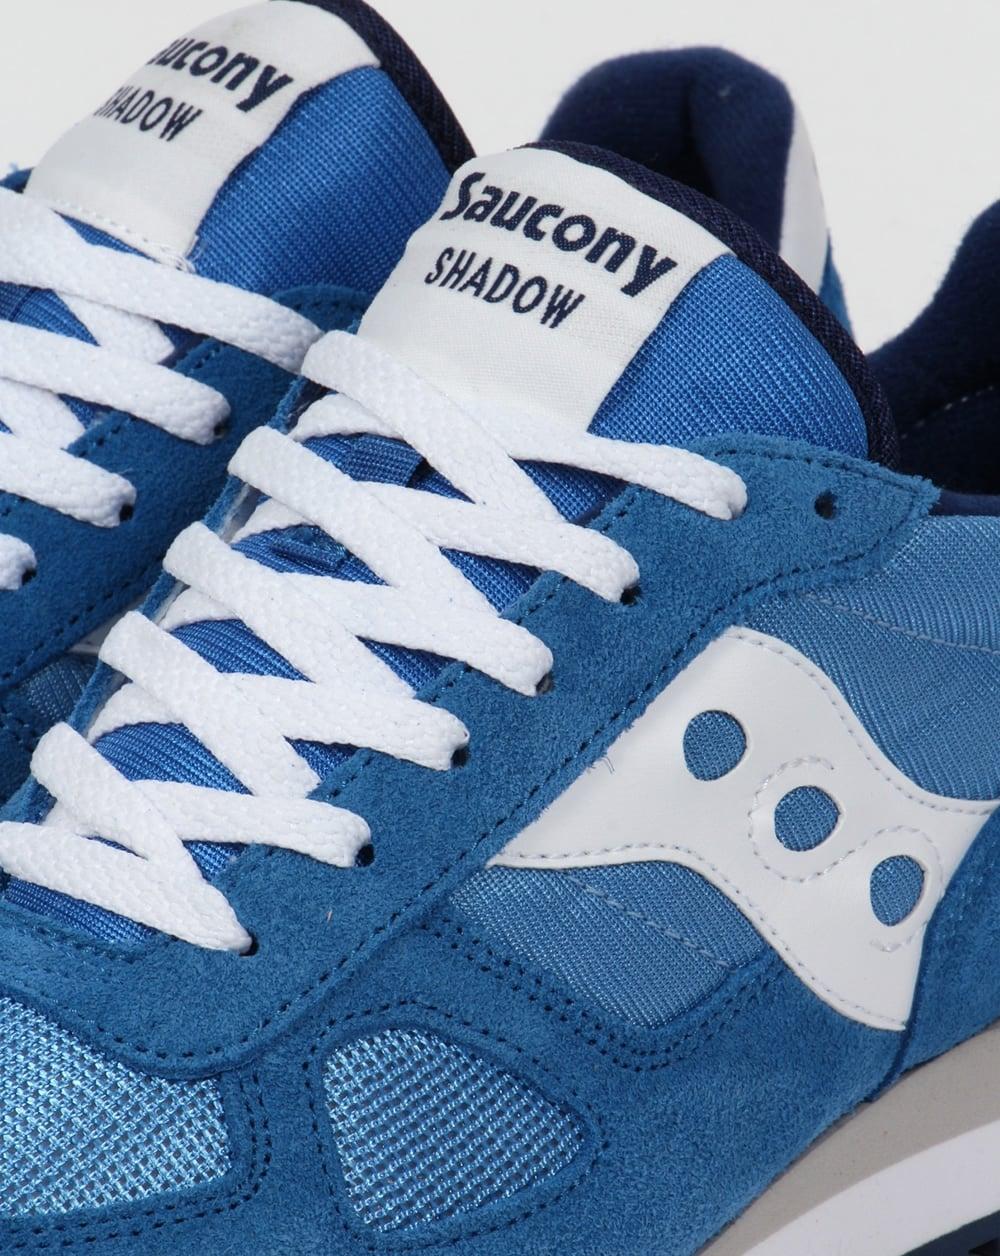 d9e3a7b307e1 Saucony Shadow Original Trainers Light Blue